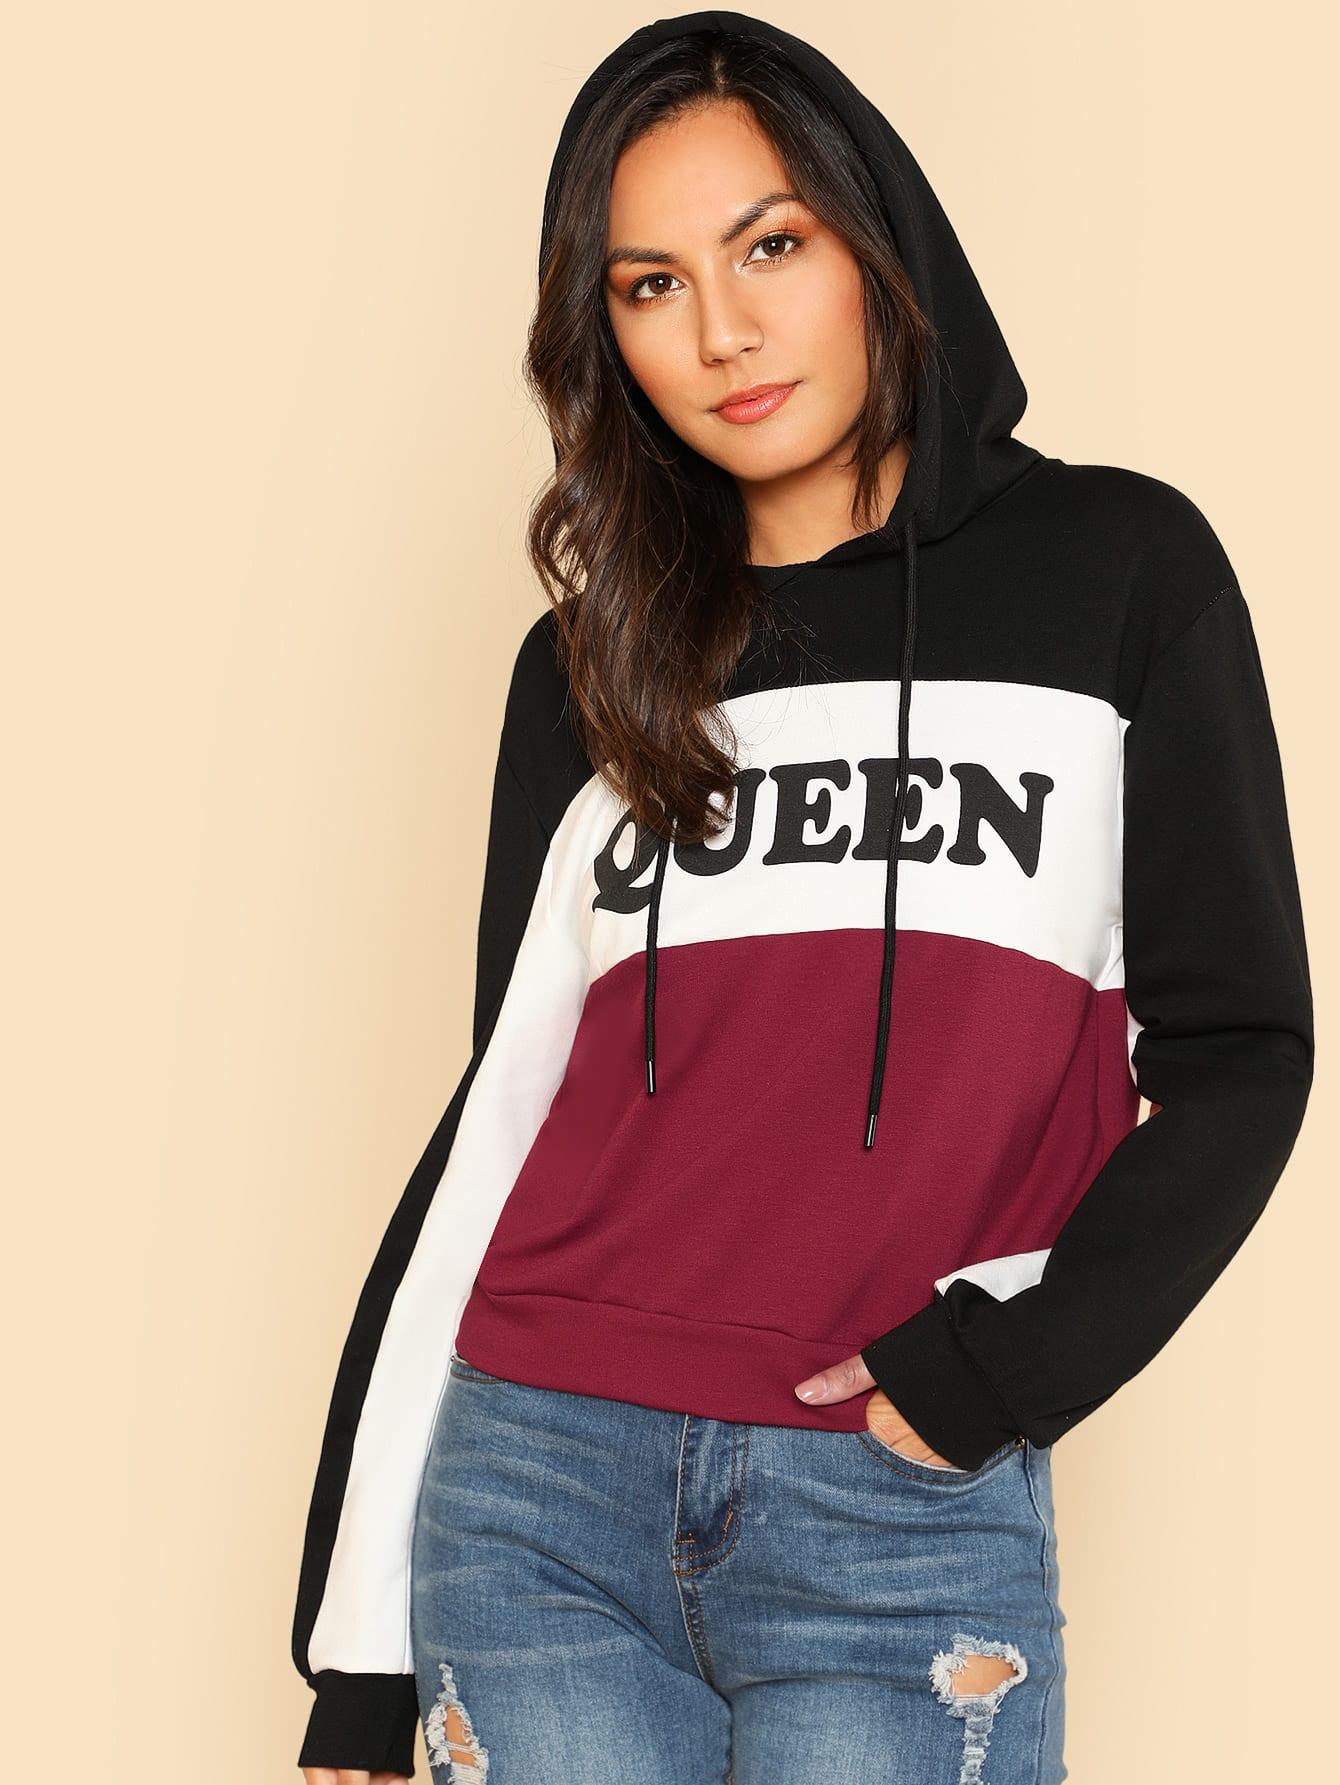 Купить Контрастный модный свитшот с принтом и капюшоном, Kendall Marie, SheIn